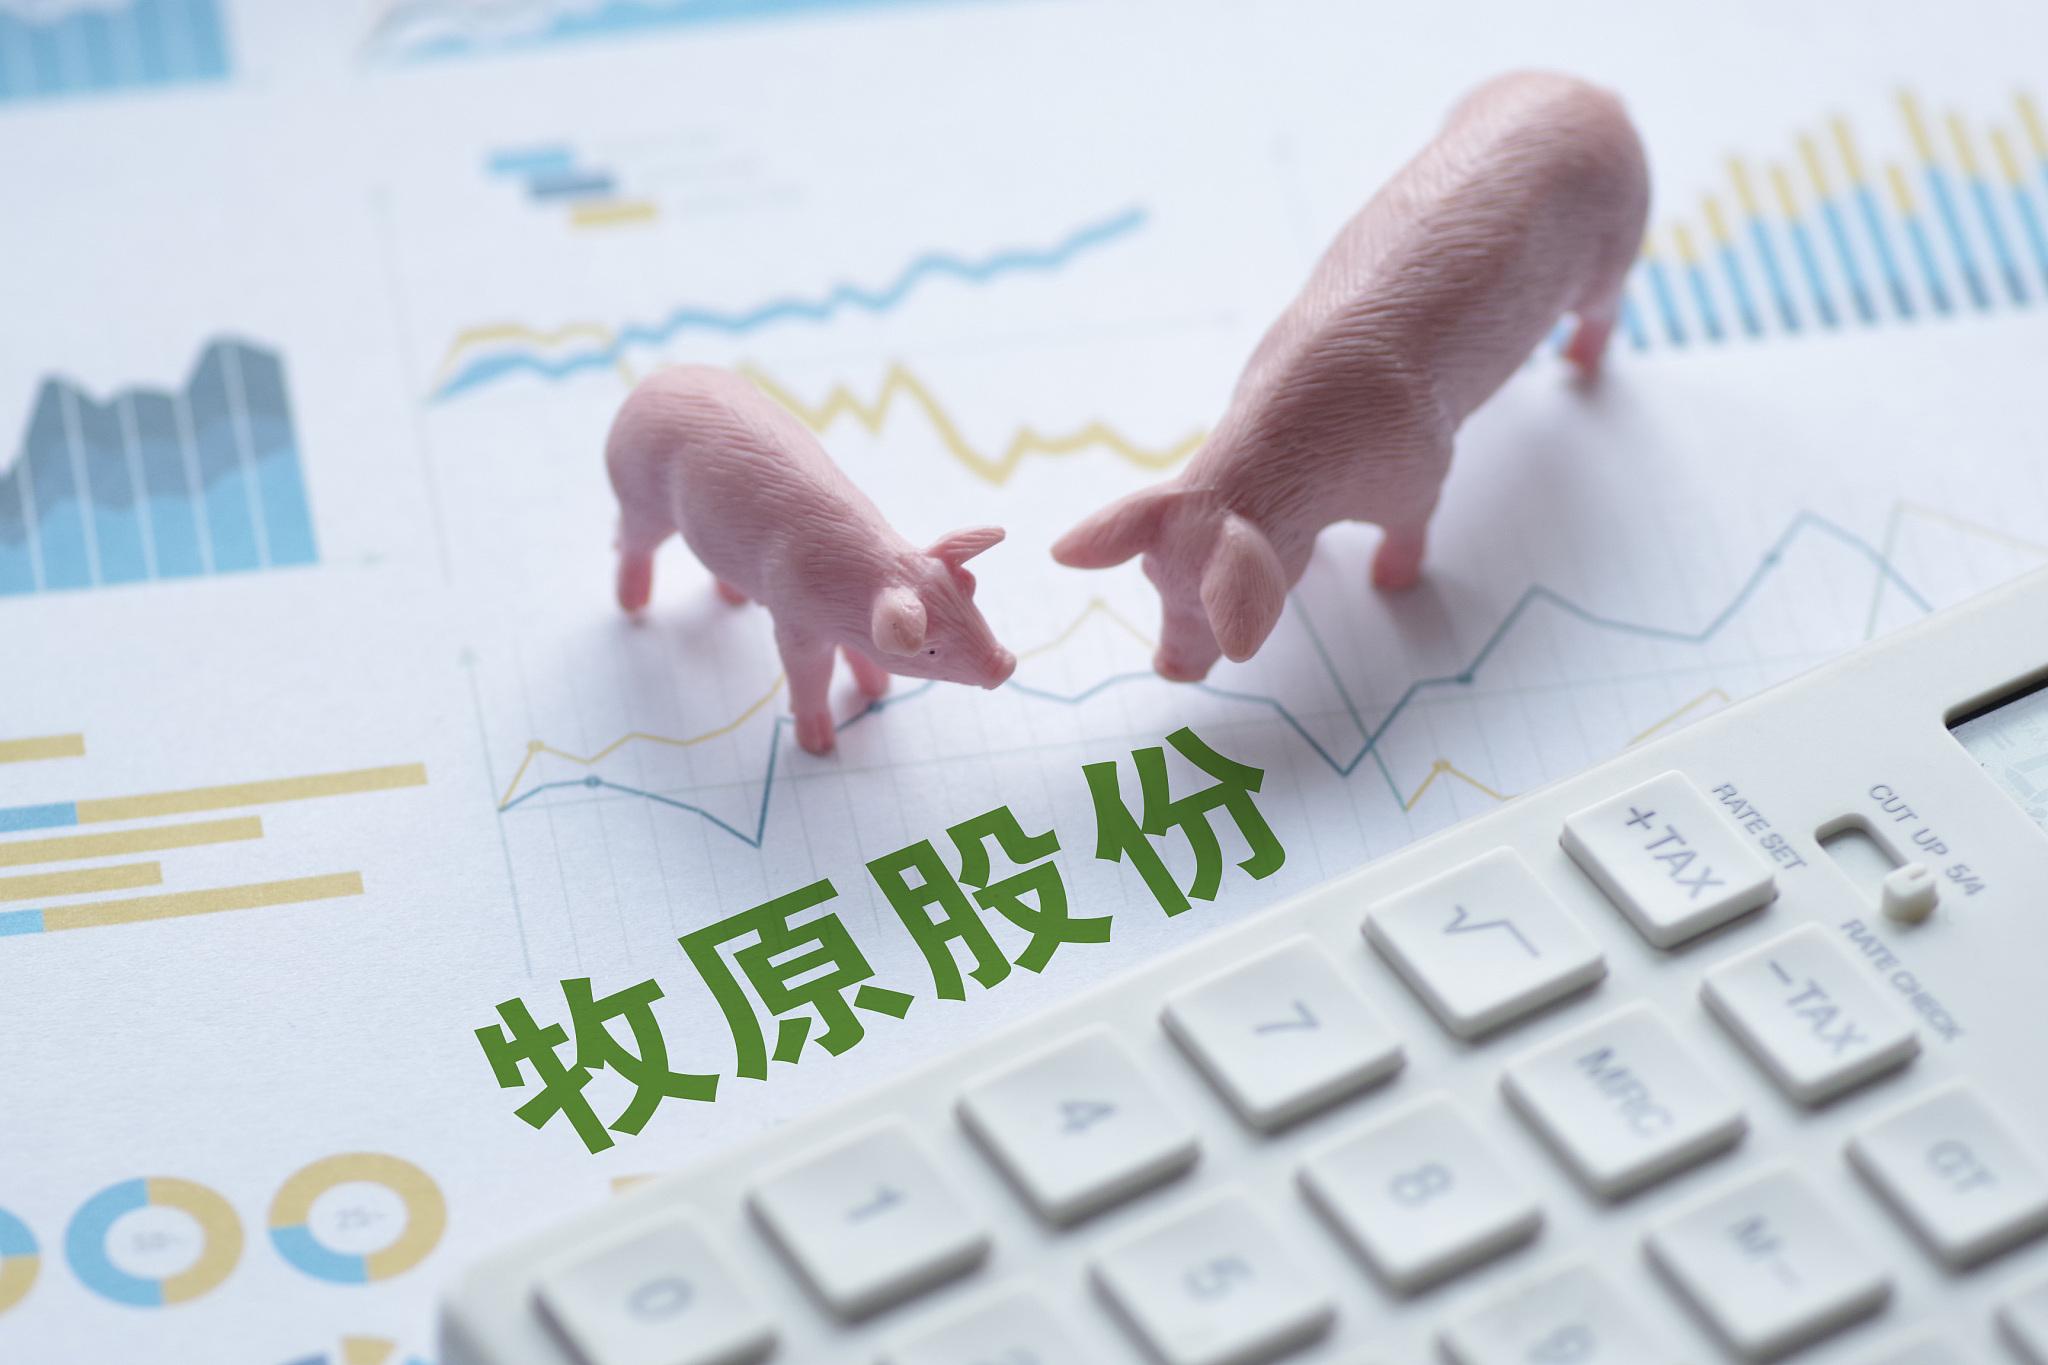 """""""猪茅""""一季度盈利超67亿元,同比增62%,同行业绩普遍大幅亏损"""